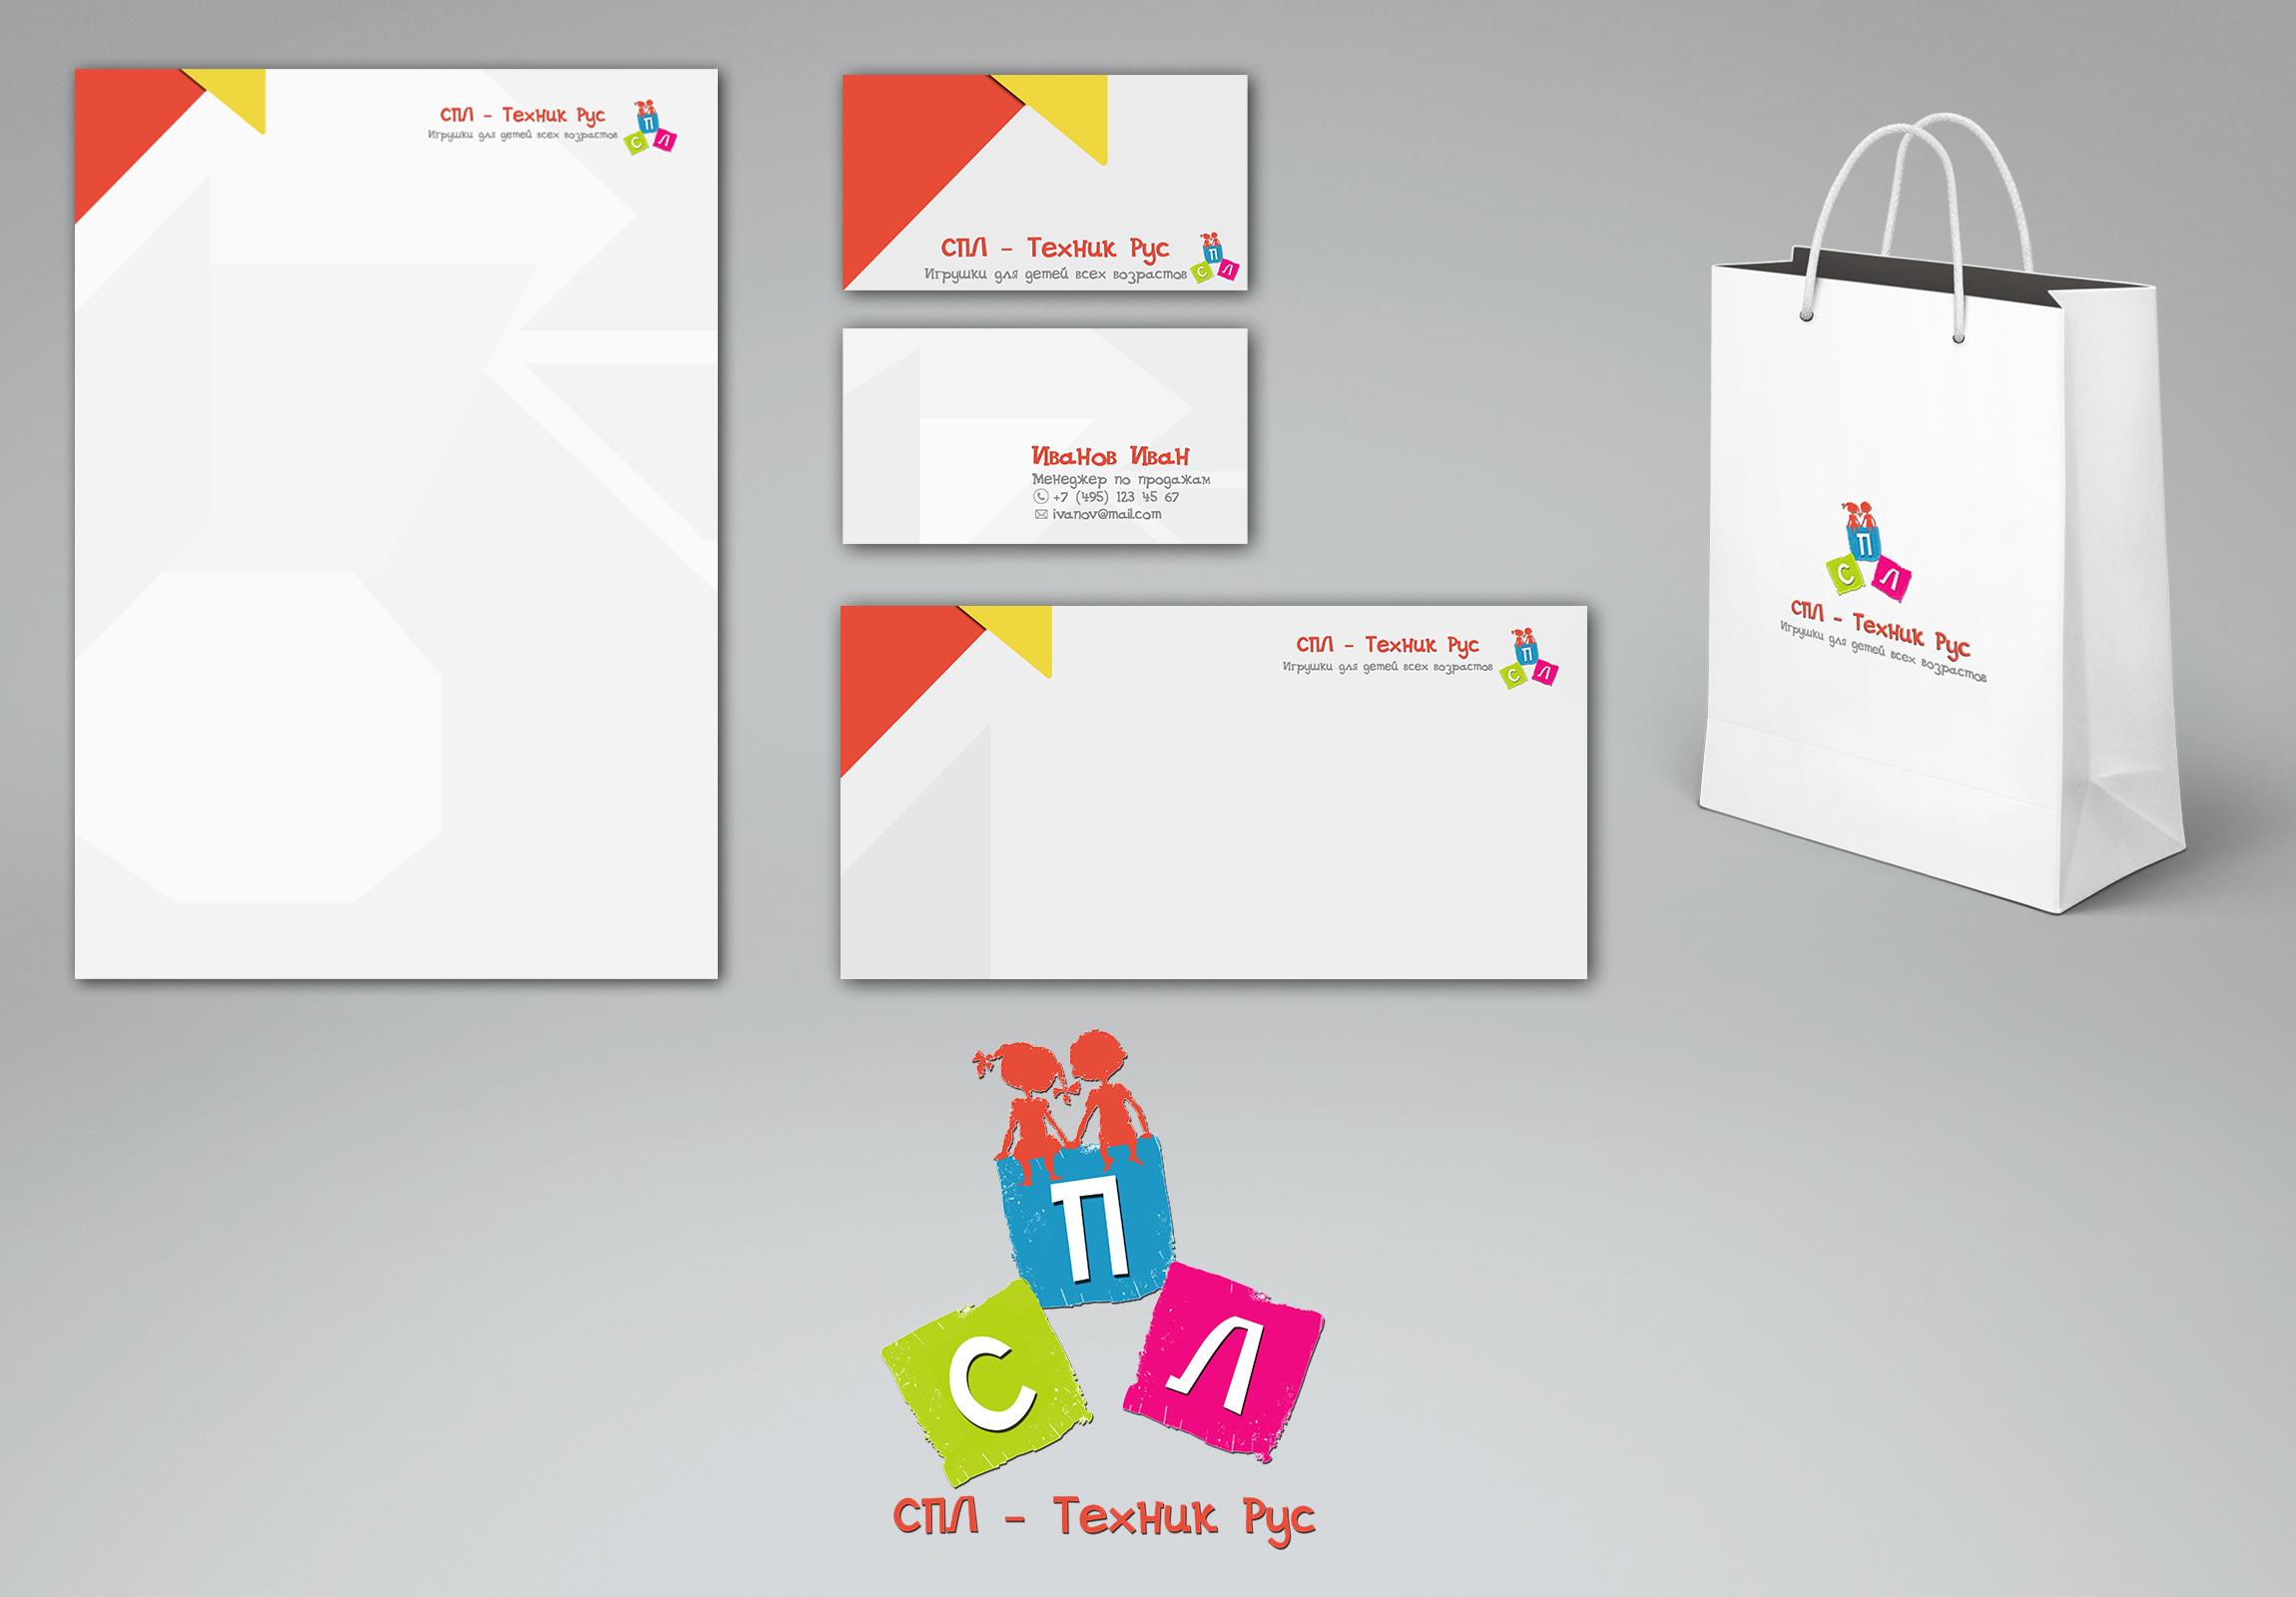 Разработка логотипа и фирменного стиля фото f_14159afdb84ebdc5.jpg